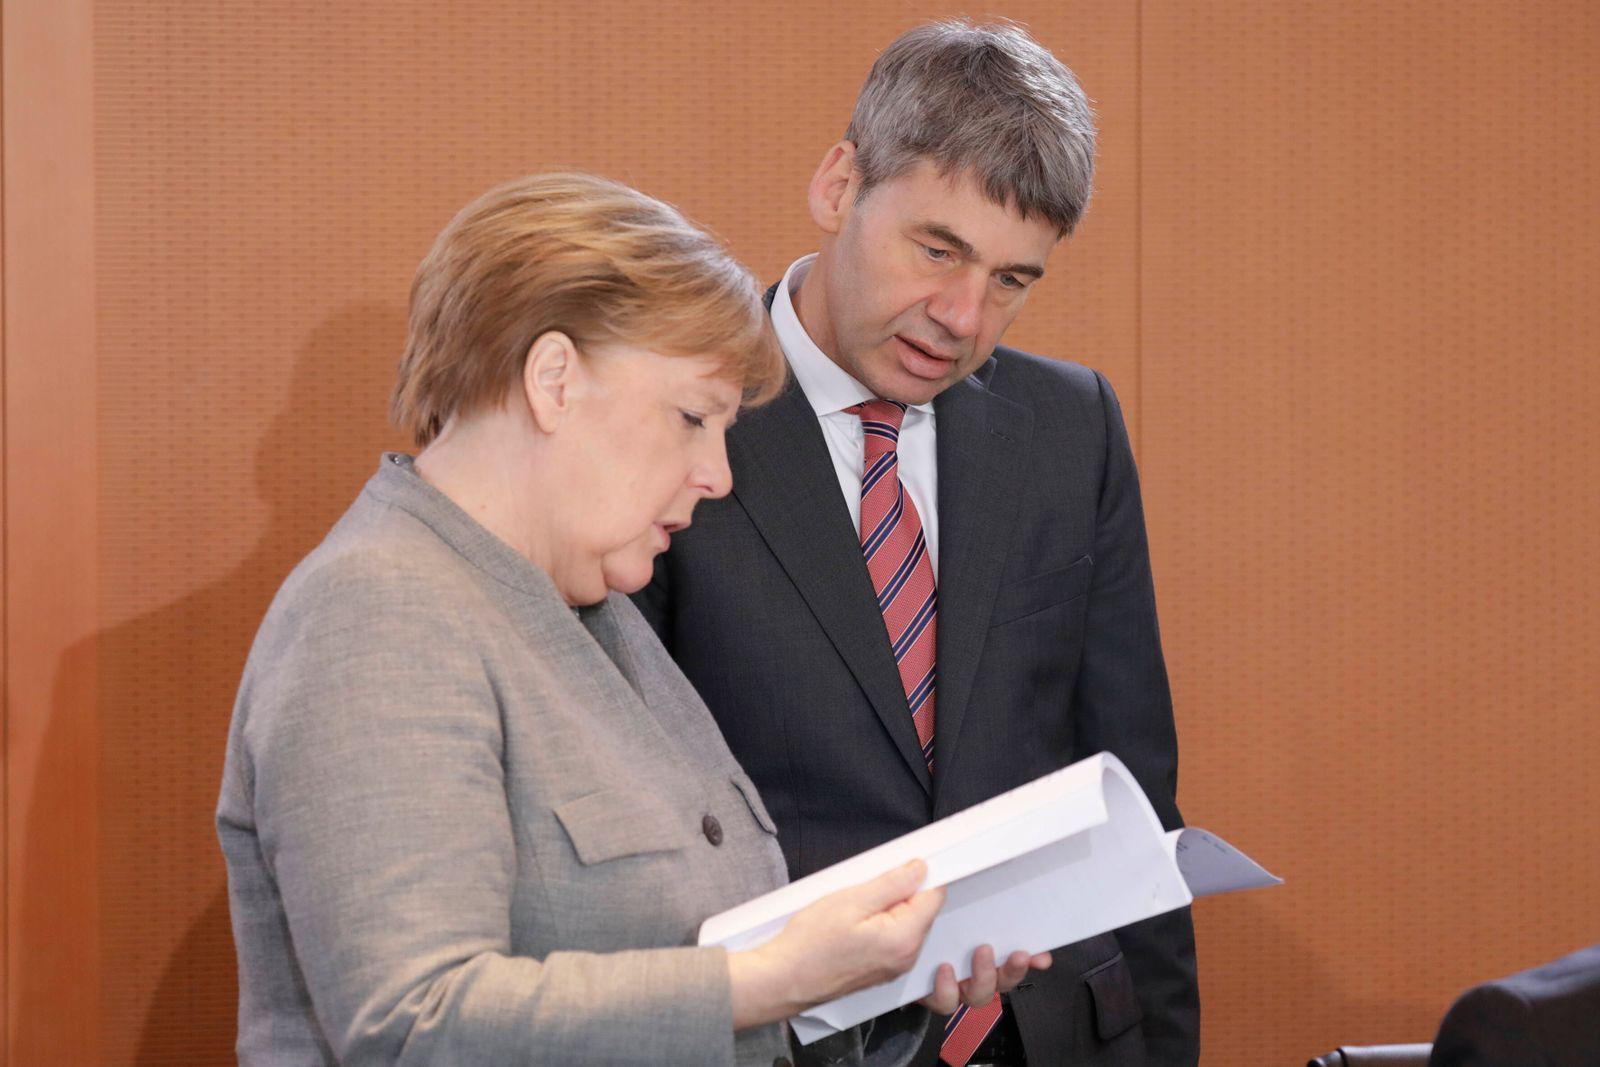 Angela Merkel, Bundeskanzlerin, CDU, und Jan Hecker, Abteilungsleiter Aussen-, Sicherheits-, und Entwicklungspolitik, v